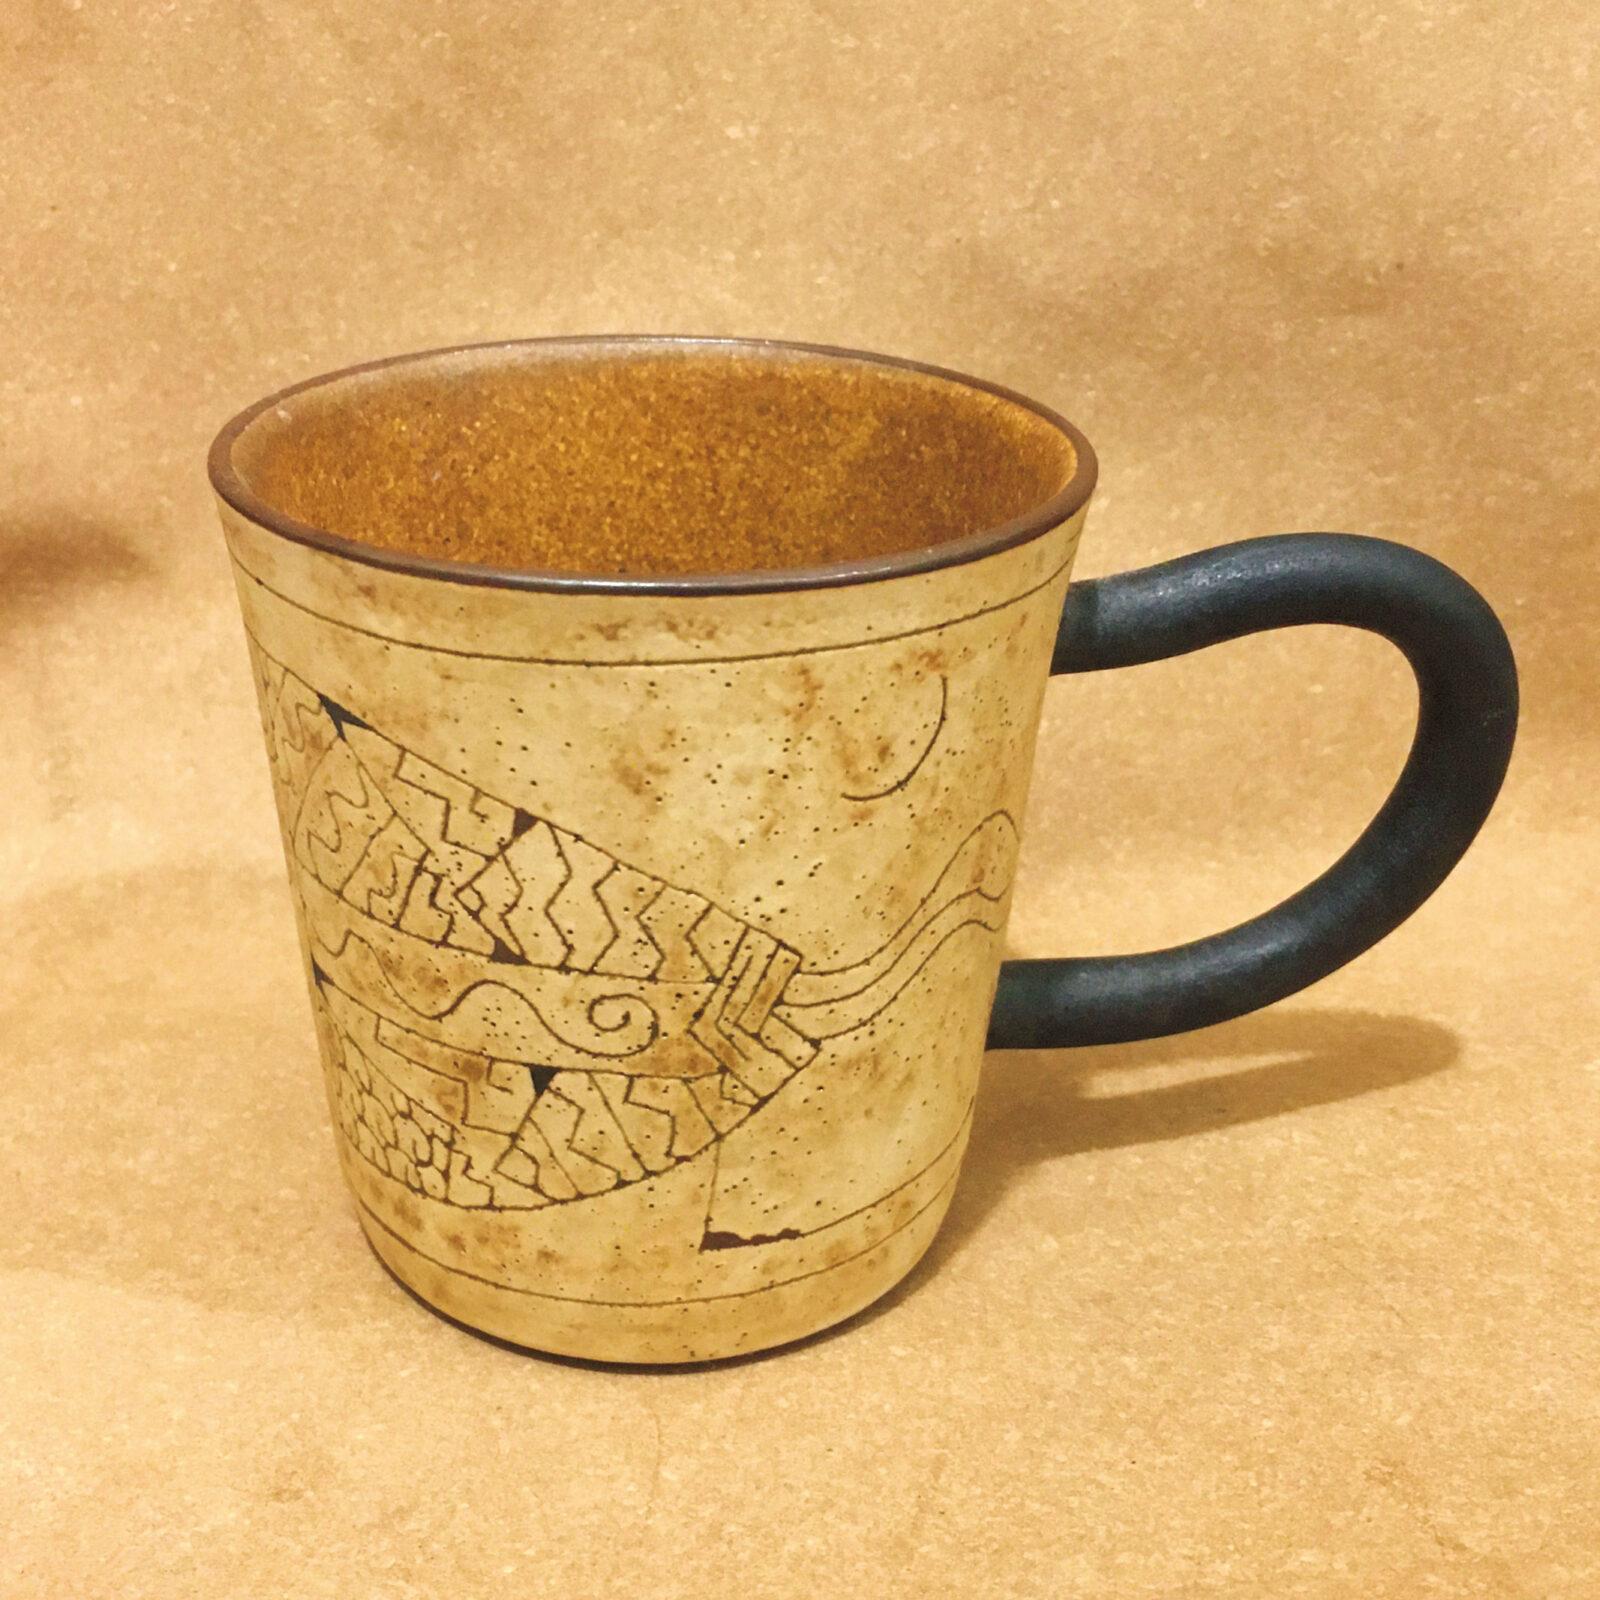 坂口真生(エシカルディレクター)沖縄に一人旅した際に購入した、現地の作家さんのカップ。とても個性的でアート感が溢れていて気に入ってます。カップ以外の用途も想像が膨らむ一品です。